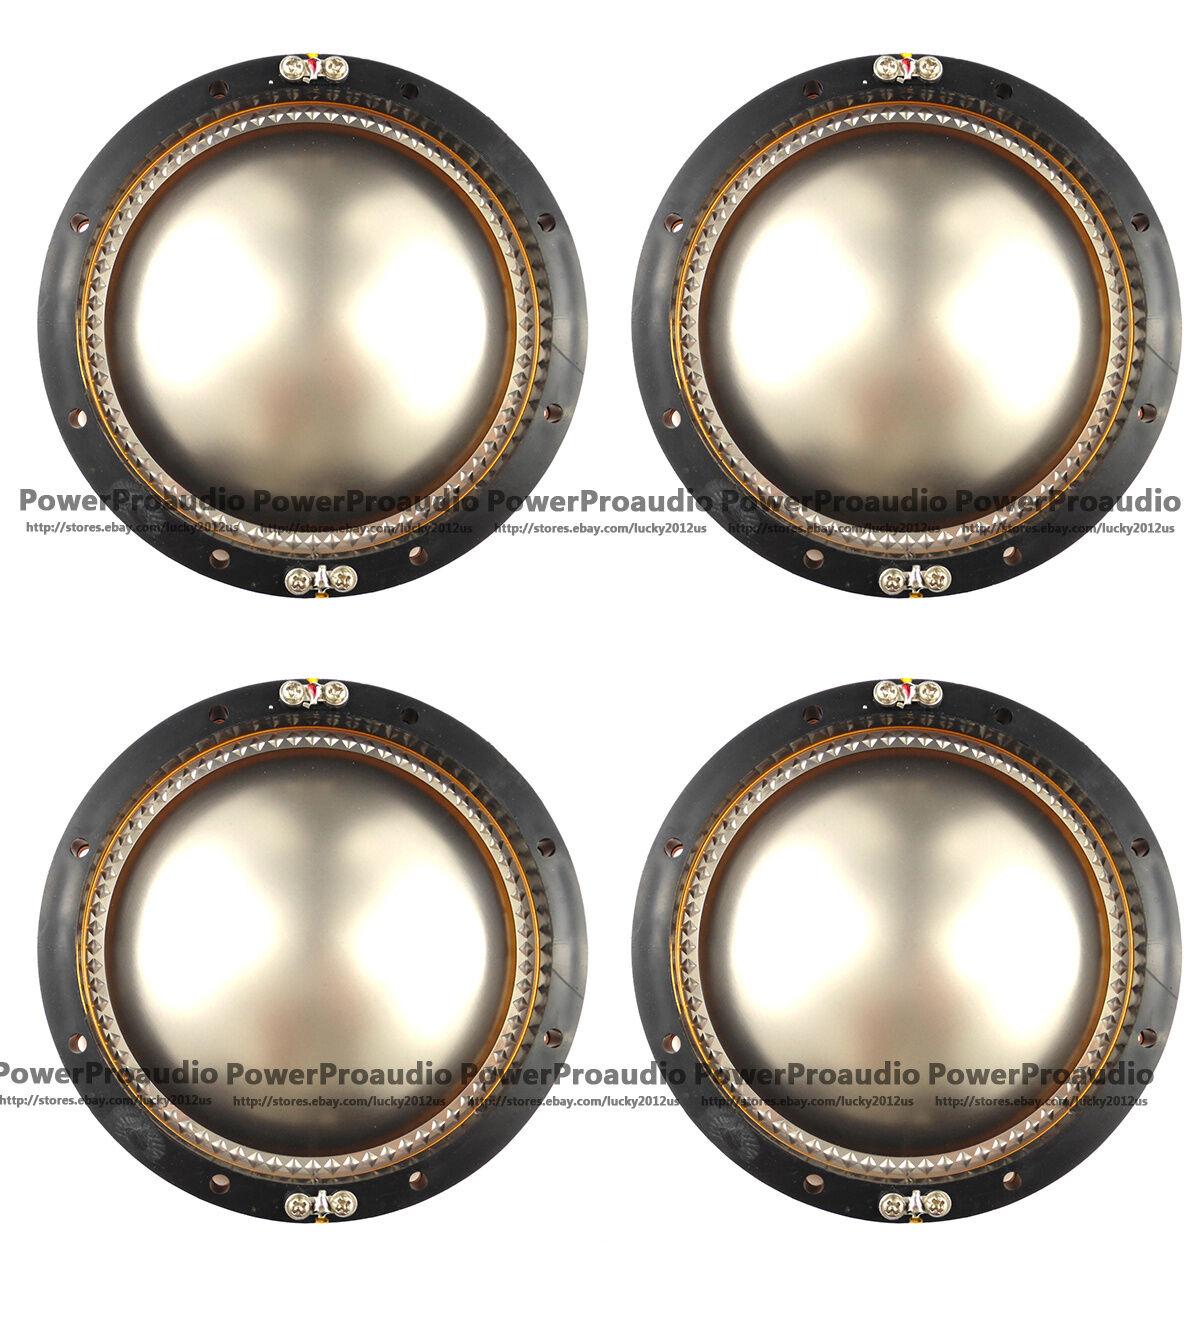 Diafragma de de de 4 un. para Horn Tweeter para DAS K8, K10, ND 8, ND 10 16 ohmios a19155